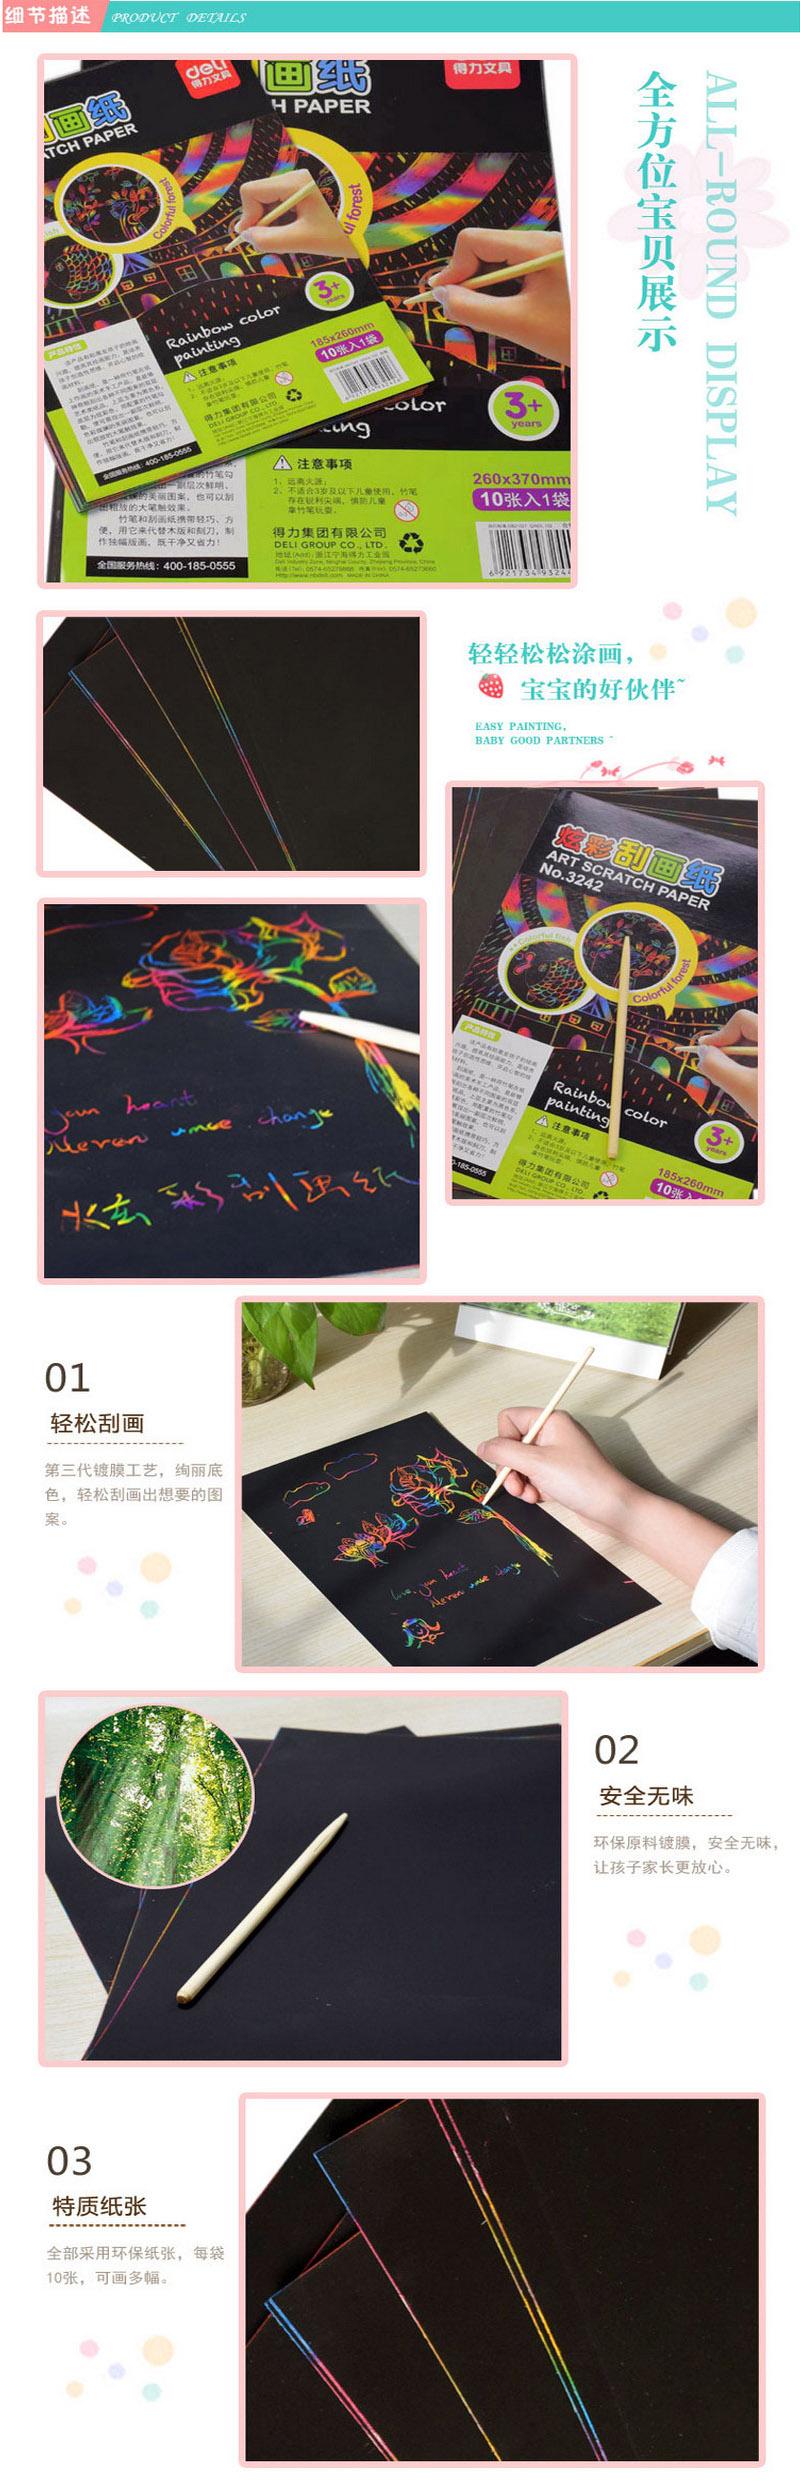 得力 3244 儿童趣味炫彩刮画纸(260370mm) 10张袋详情页1